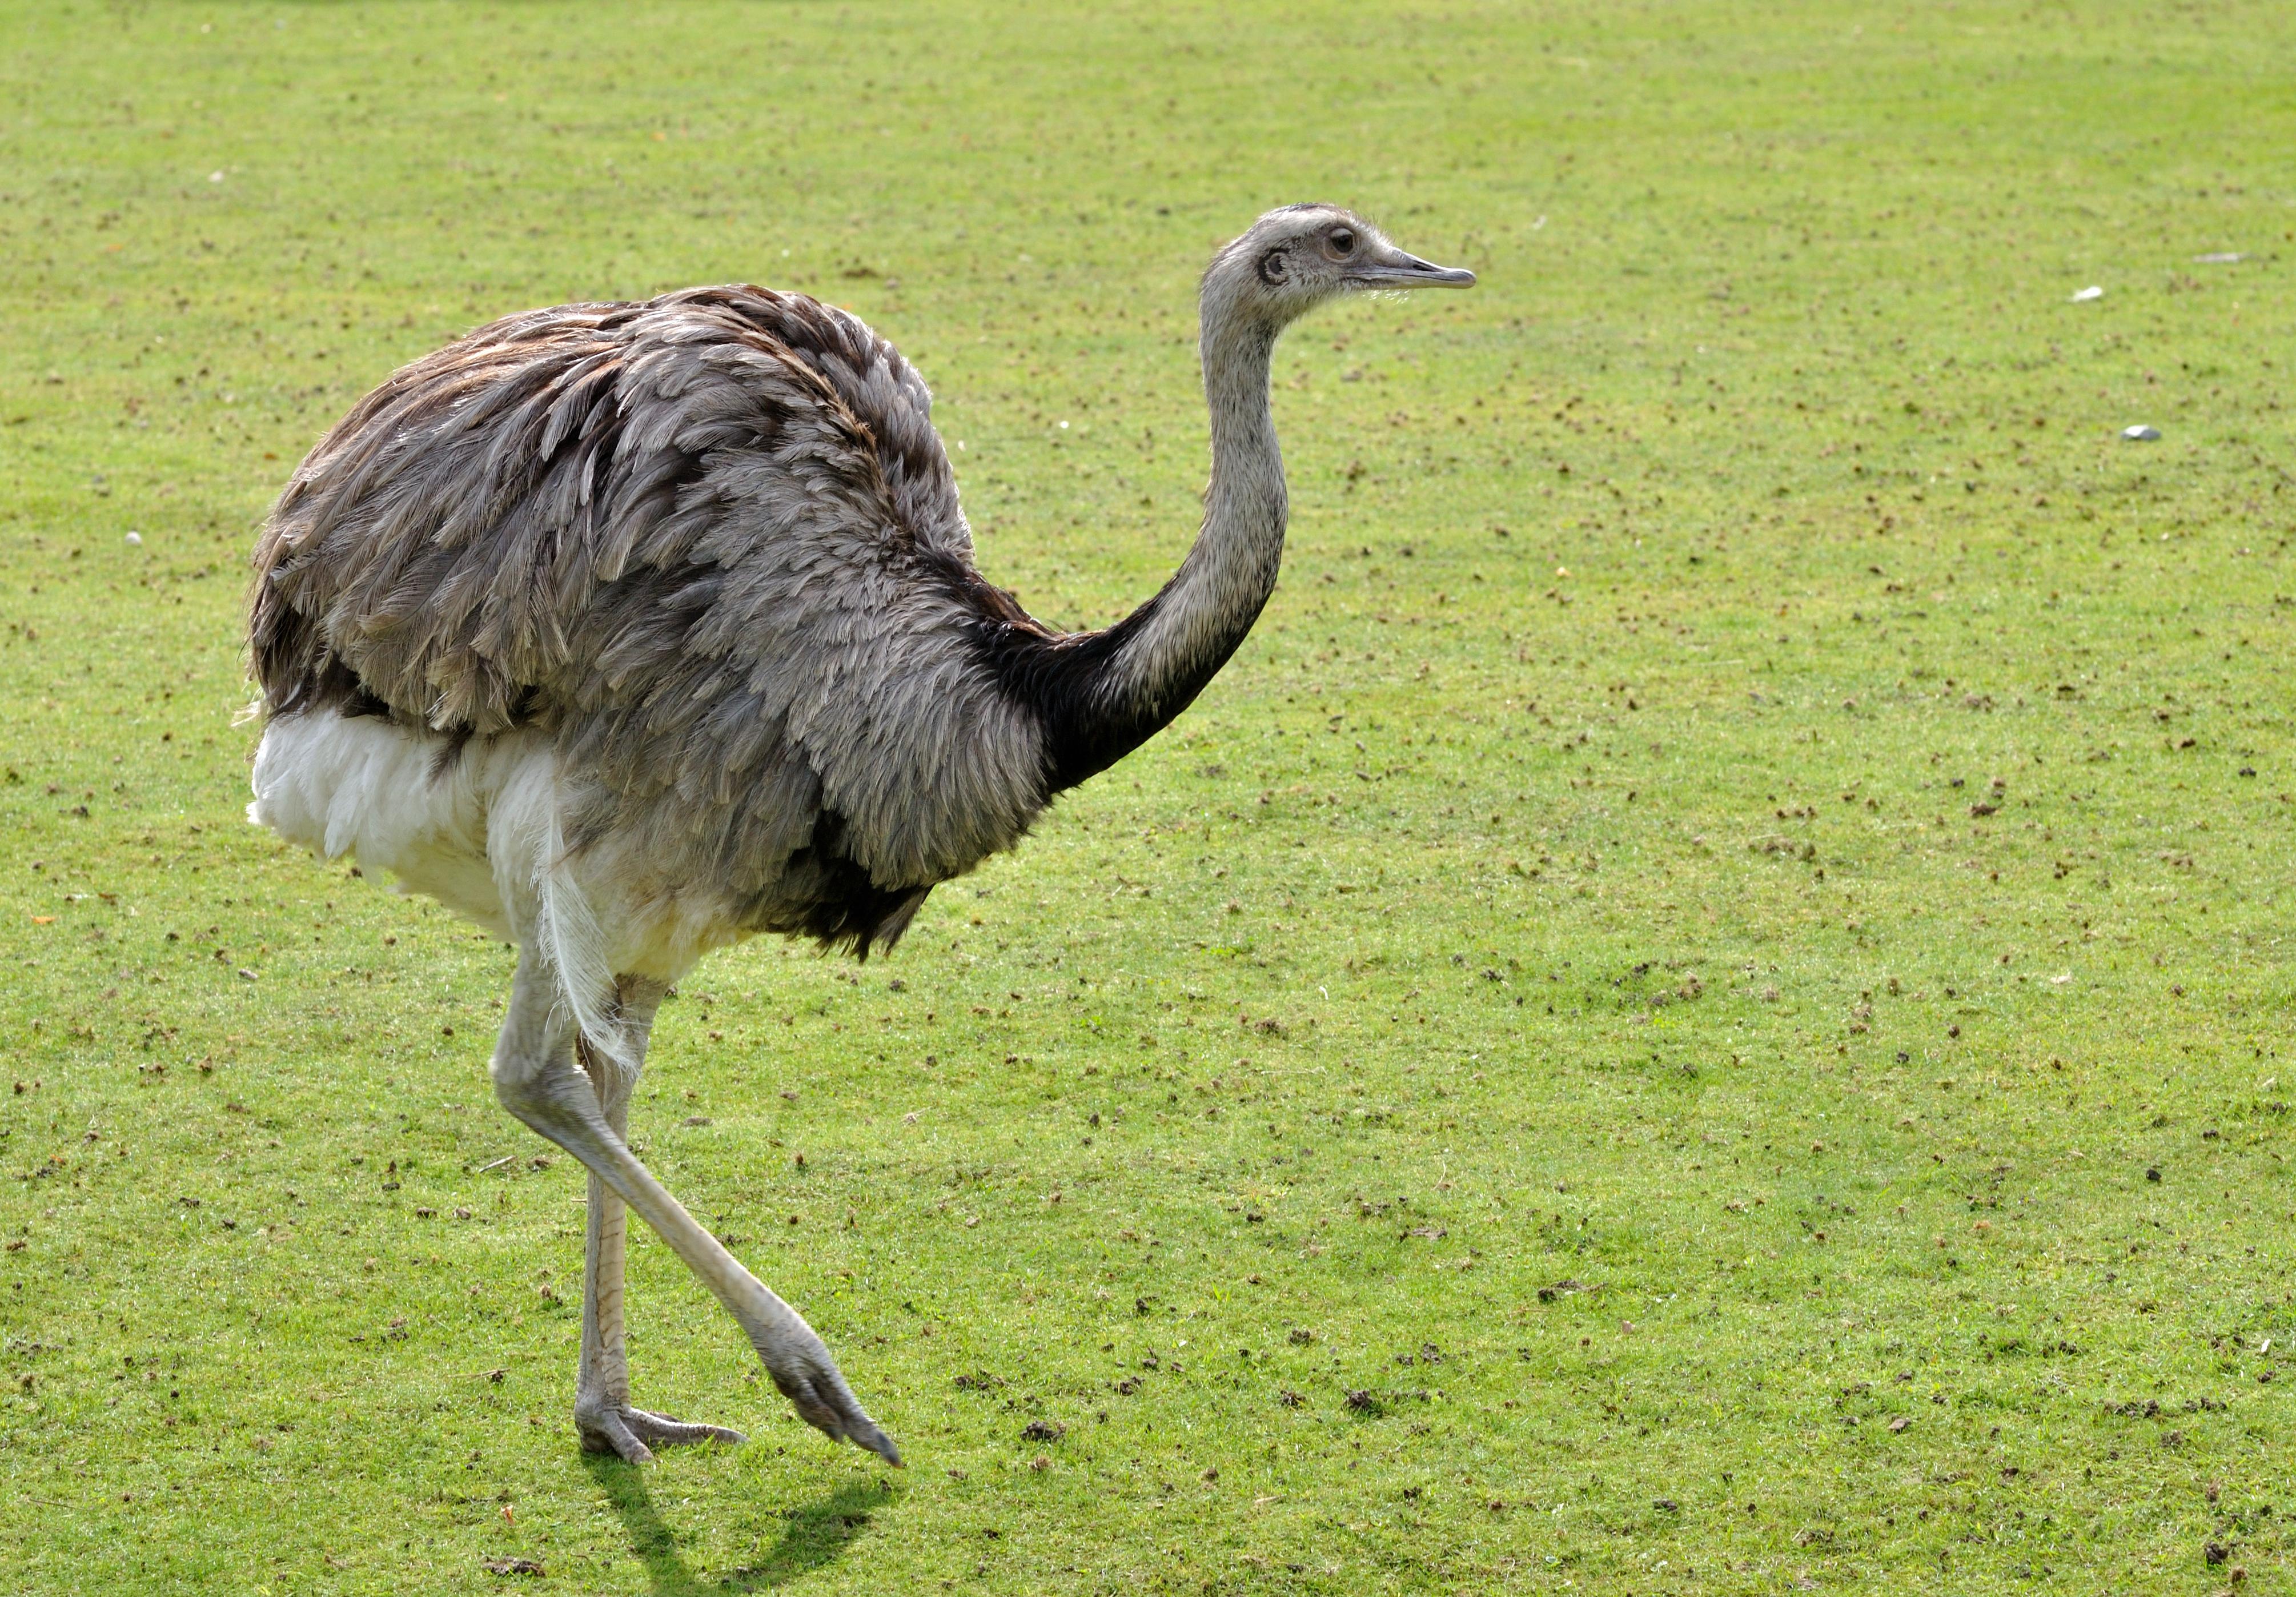 Нанду — страус южноамериканский, где обитает данная разновидность птицы?